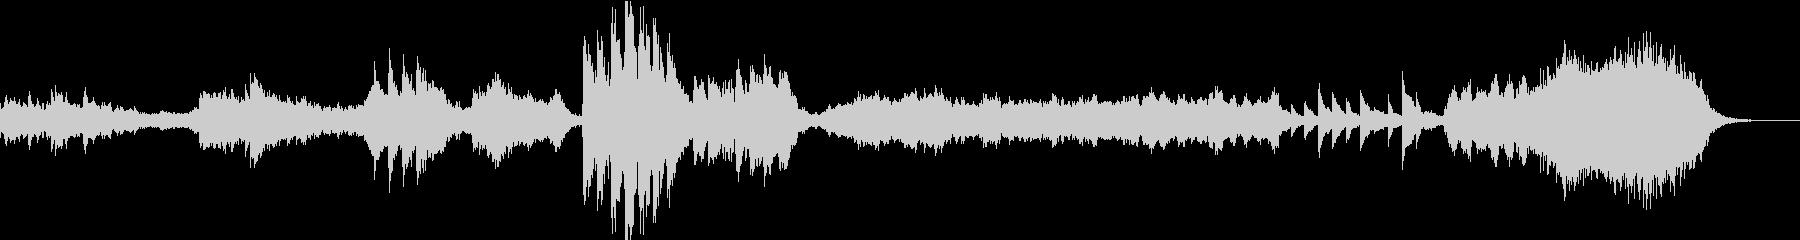 美しく幻想的モンタージュやCM向けBGMの未再生の波形